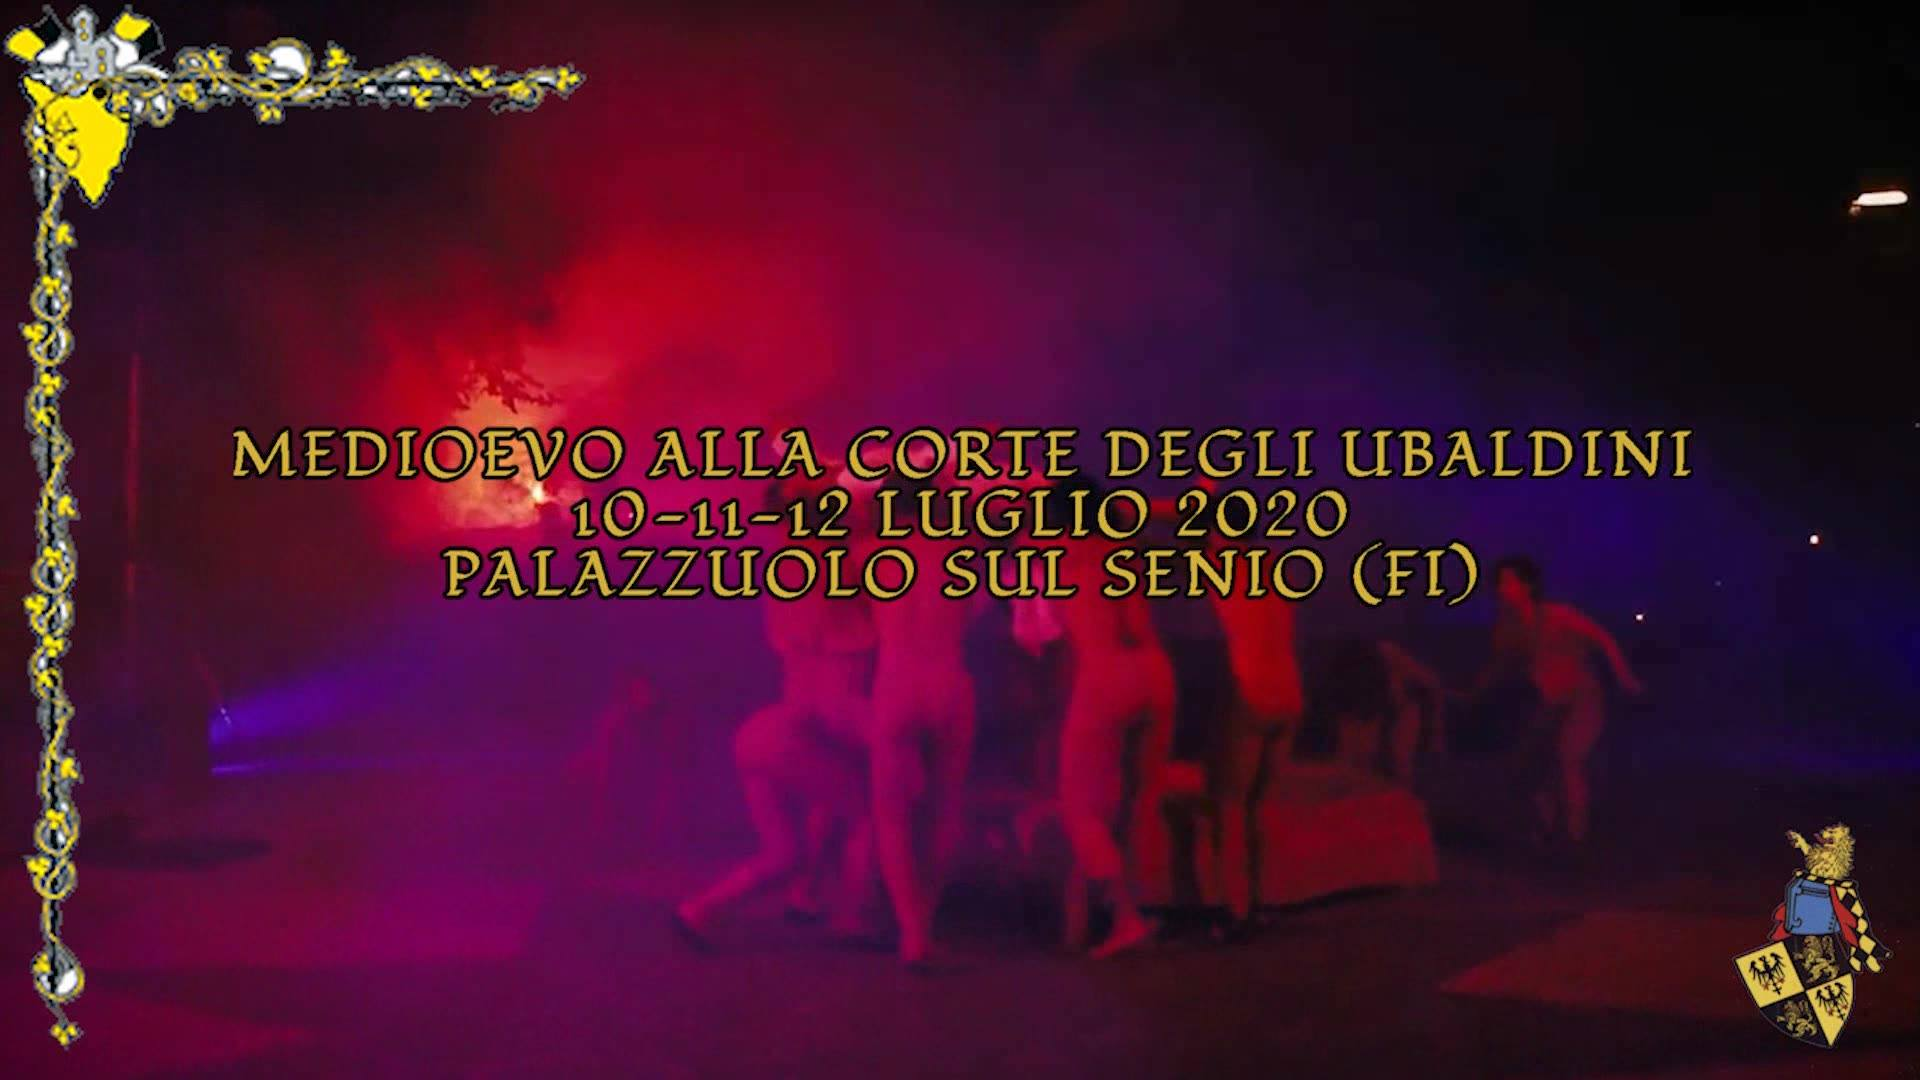 locandina-eventi-palazzuolo-sul-senio-medioevo-alla-corte-degli-ubaldini-dooid